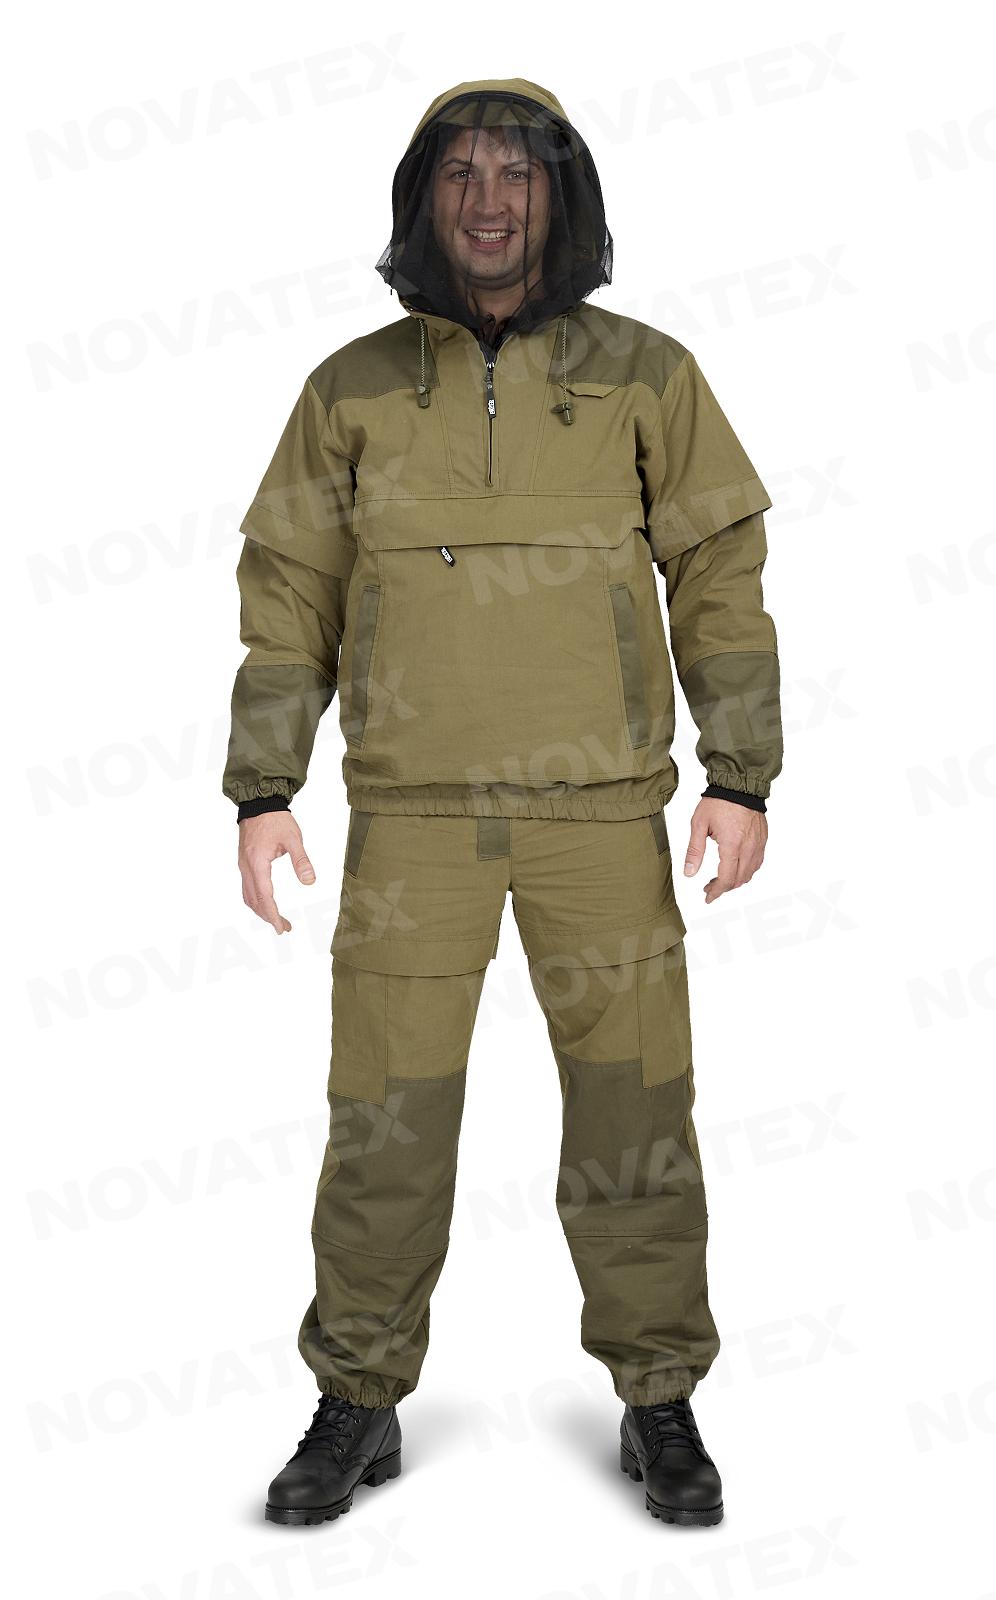 Костюм «Элит Барьер» (смесовая, хаки) PAYER Костюмы противоэнцефалитные<br>Ткань: смесовая ткань (70% хлопок, 30% нейлон) <br>Костюм «Элит-Барьер»(ТМ «Payer») от Novatex <br>разработан на основе классического противоэнцефалитного <br>костюма.Этот костюм состоит из куртки <br>типа «анорак» с капюшоном и брюк прямого <br>кроя. Костюм оснащен специальными ловушками <br>для клещей. В отличие от других костюмов, <br>обладает множеством защитных кулис и ловушек <br>с вставками под пропитку акарицидными средствами. <br>Сама ткань, из которой производится костюм, <br>пропитана акарицидным средством и не теряет <br>защитных свойств как минимум 10 стирок. Сетка <br>накомарника съемная и легко убирается в <br>потайной карман. Плотная однотонная ткань(70% <br>хлопок, 30% нейлон) создает надежную защиту, <br>позволяет телу «дышать» и повышает шансы <br>своевременного обнаружения насекомых. <br>Рукава оснащены плотными трикотажными <br>манжетами. Область коленей усилена дополнительным <br>слоем ткани. Этот костюм отлично подойдет <br>для всех, кто много бывает в лесу.<br><br>Пол: мужской<br>Размер: 60-62<br>Рост: 170-176<br>Сезон: лето<br>Цвет: оливковый